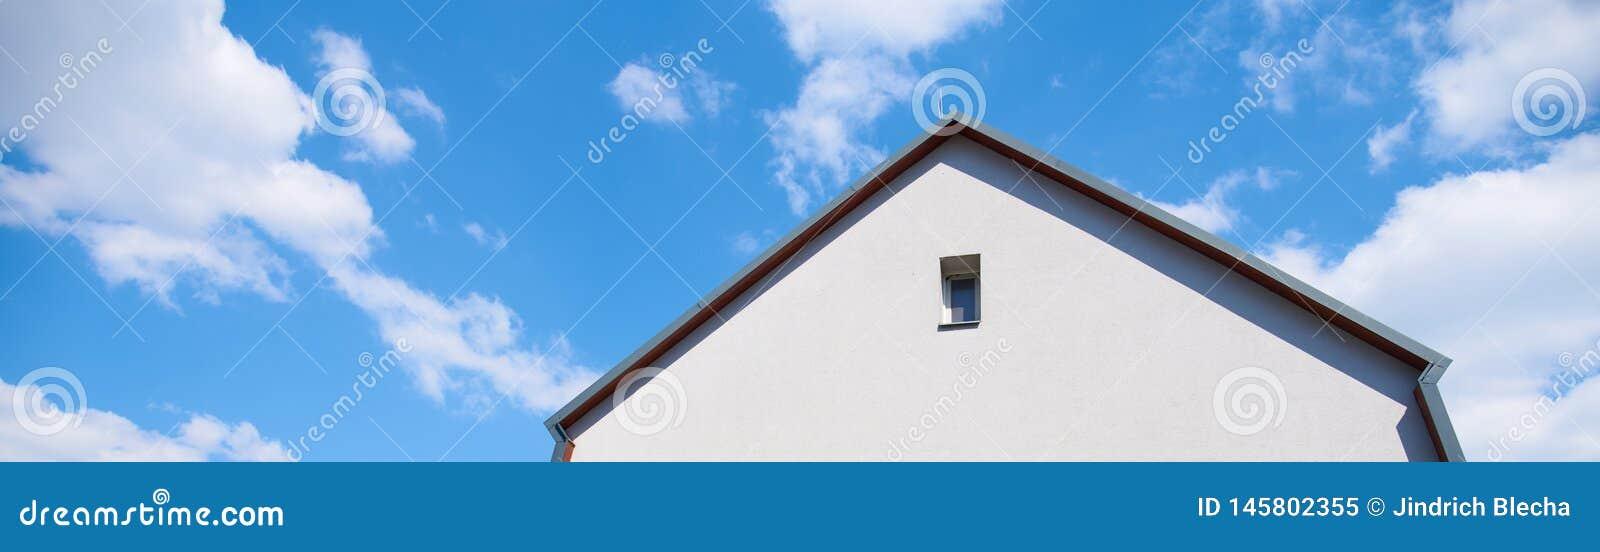 Здание, вилла, против голубого неба с белыми облаками